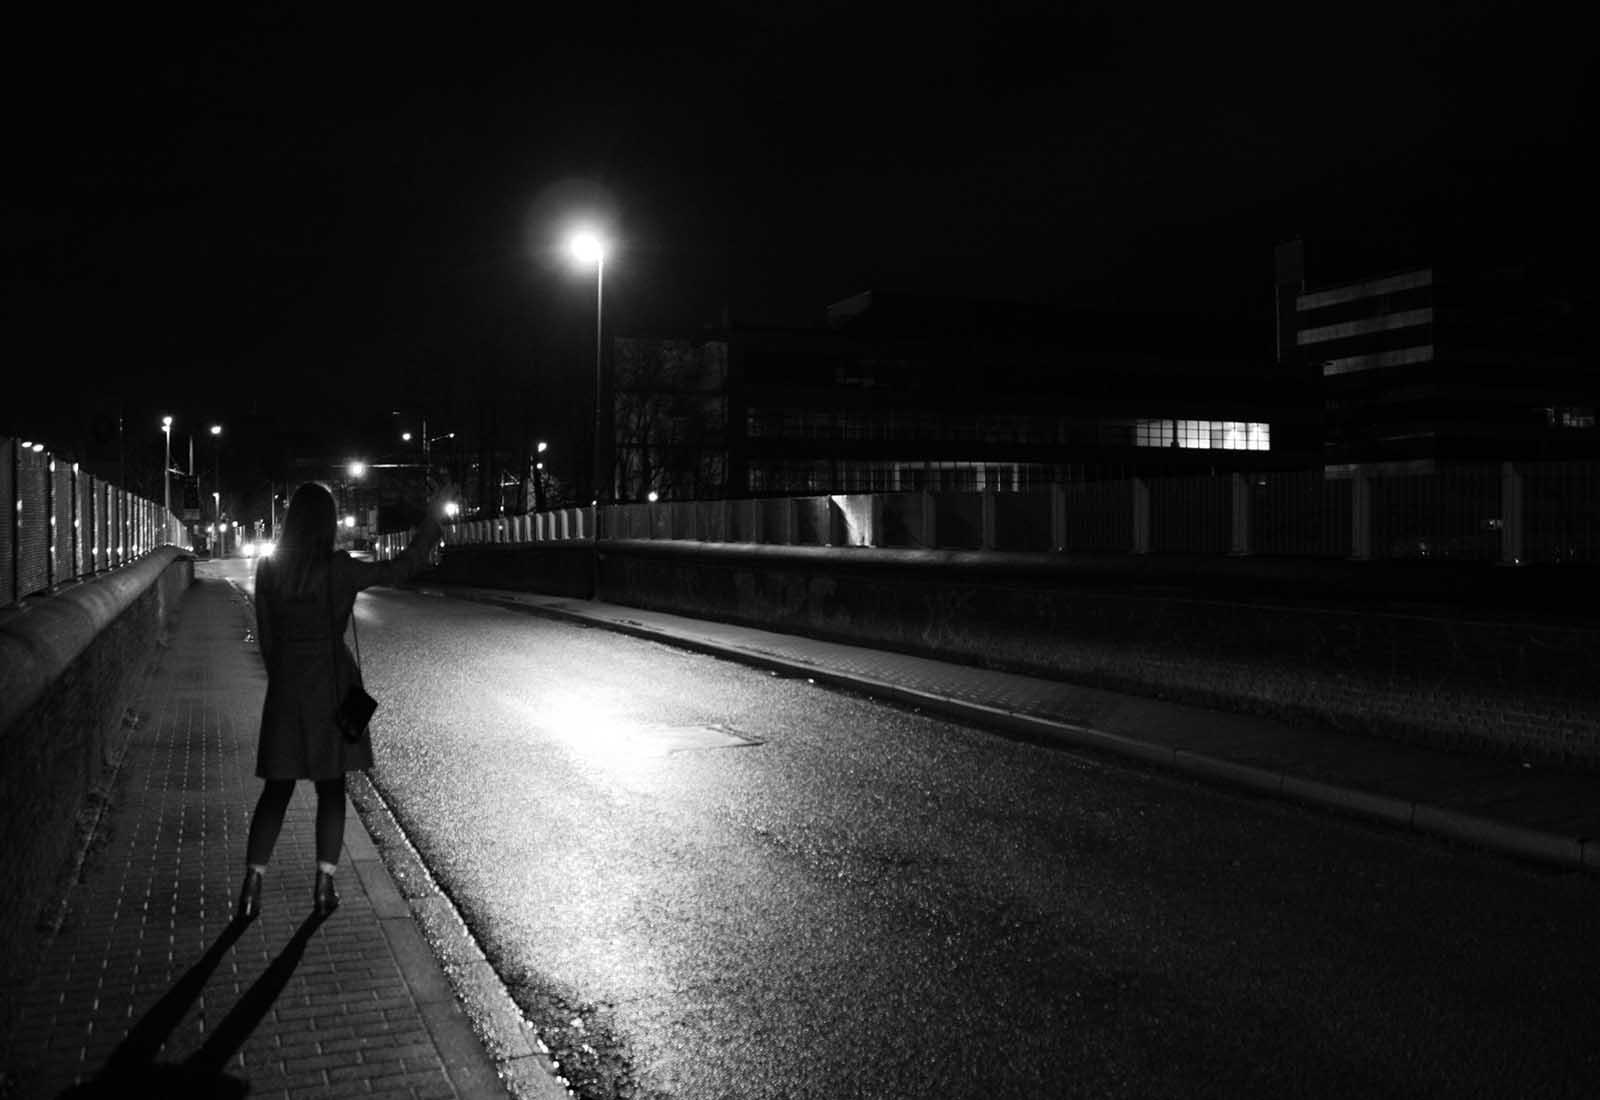 Gabrielle attend un taxi pour rentrer chez elle après une soirée